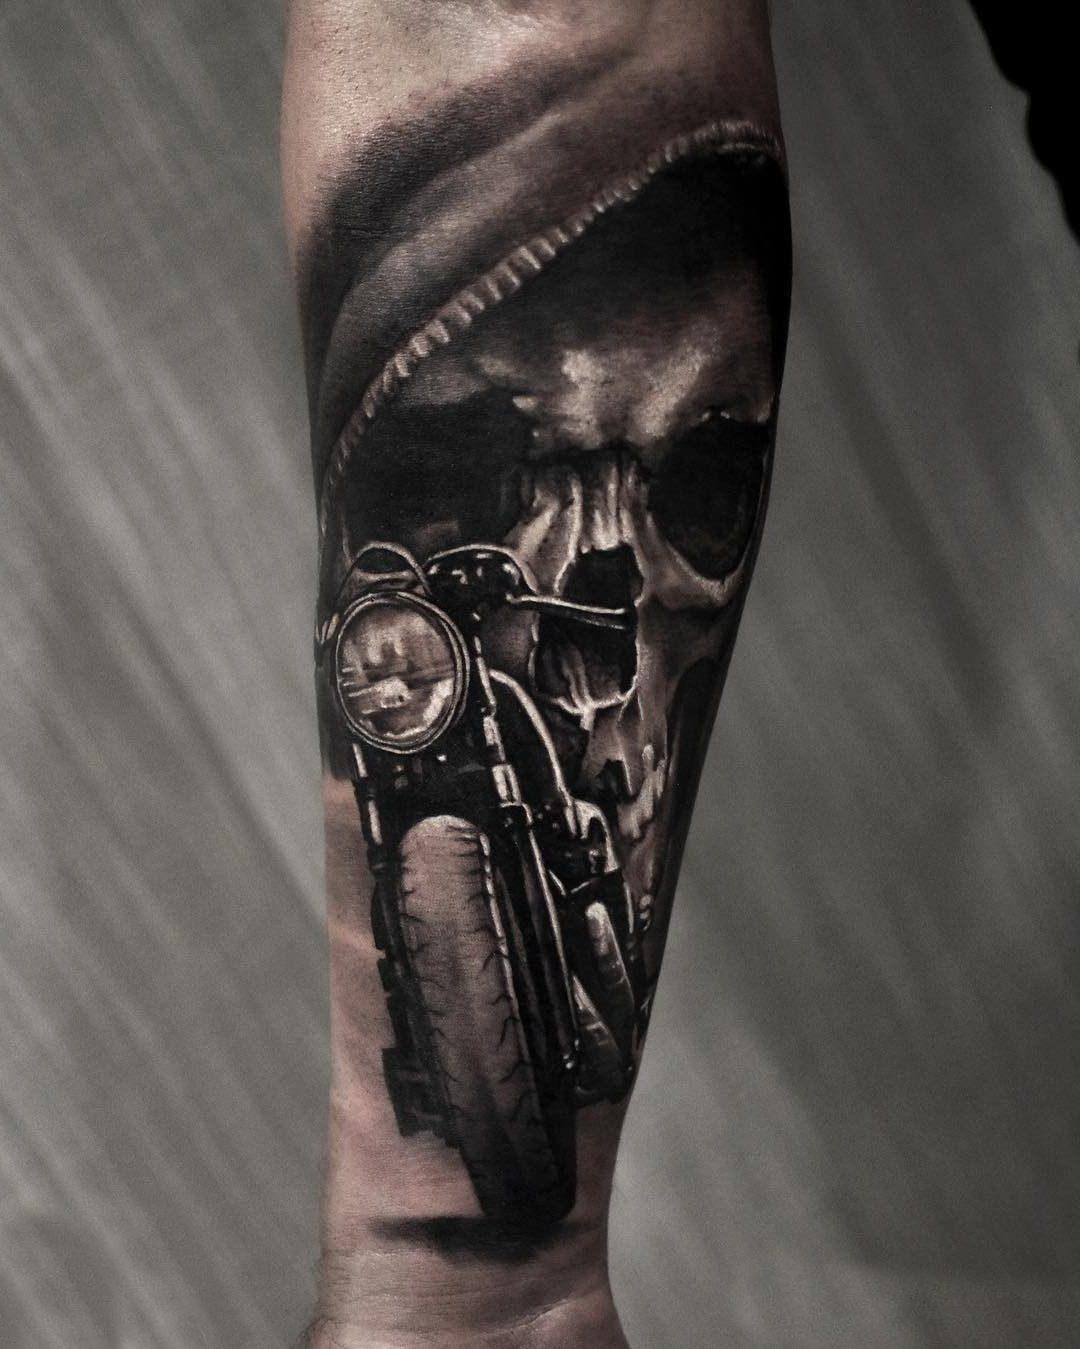 Tatuagem de moto e caveira no braço